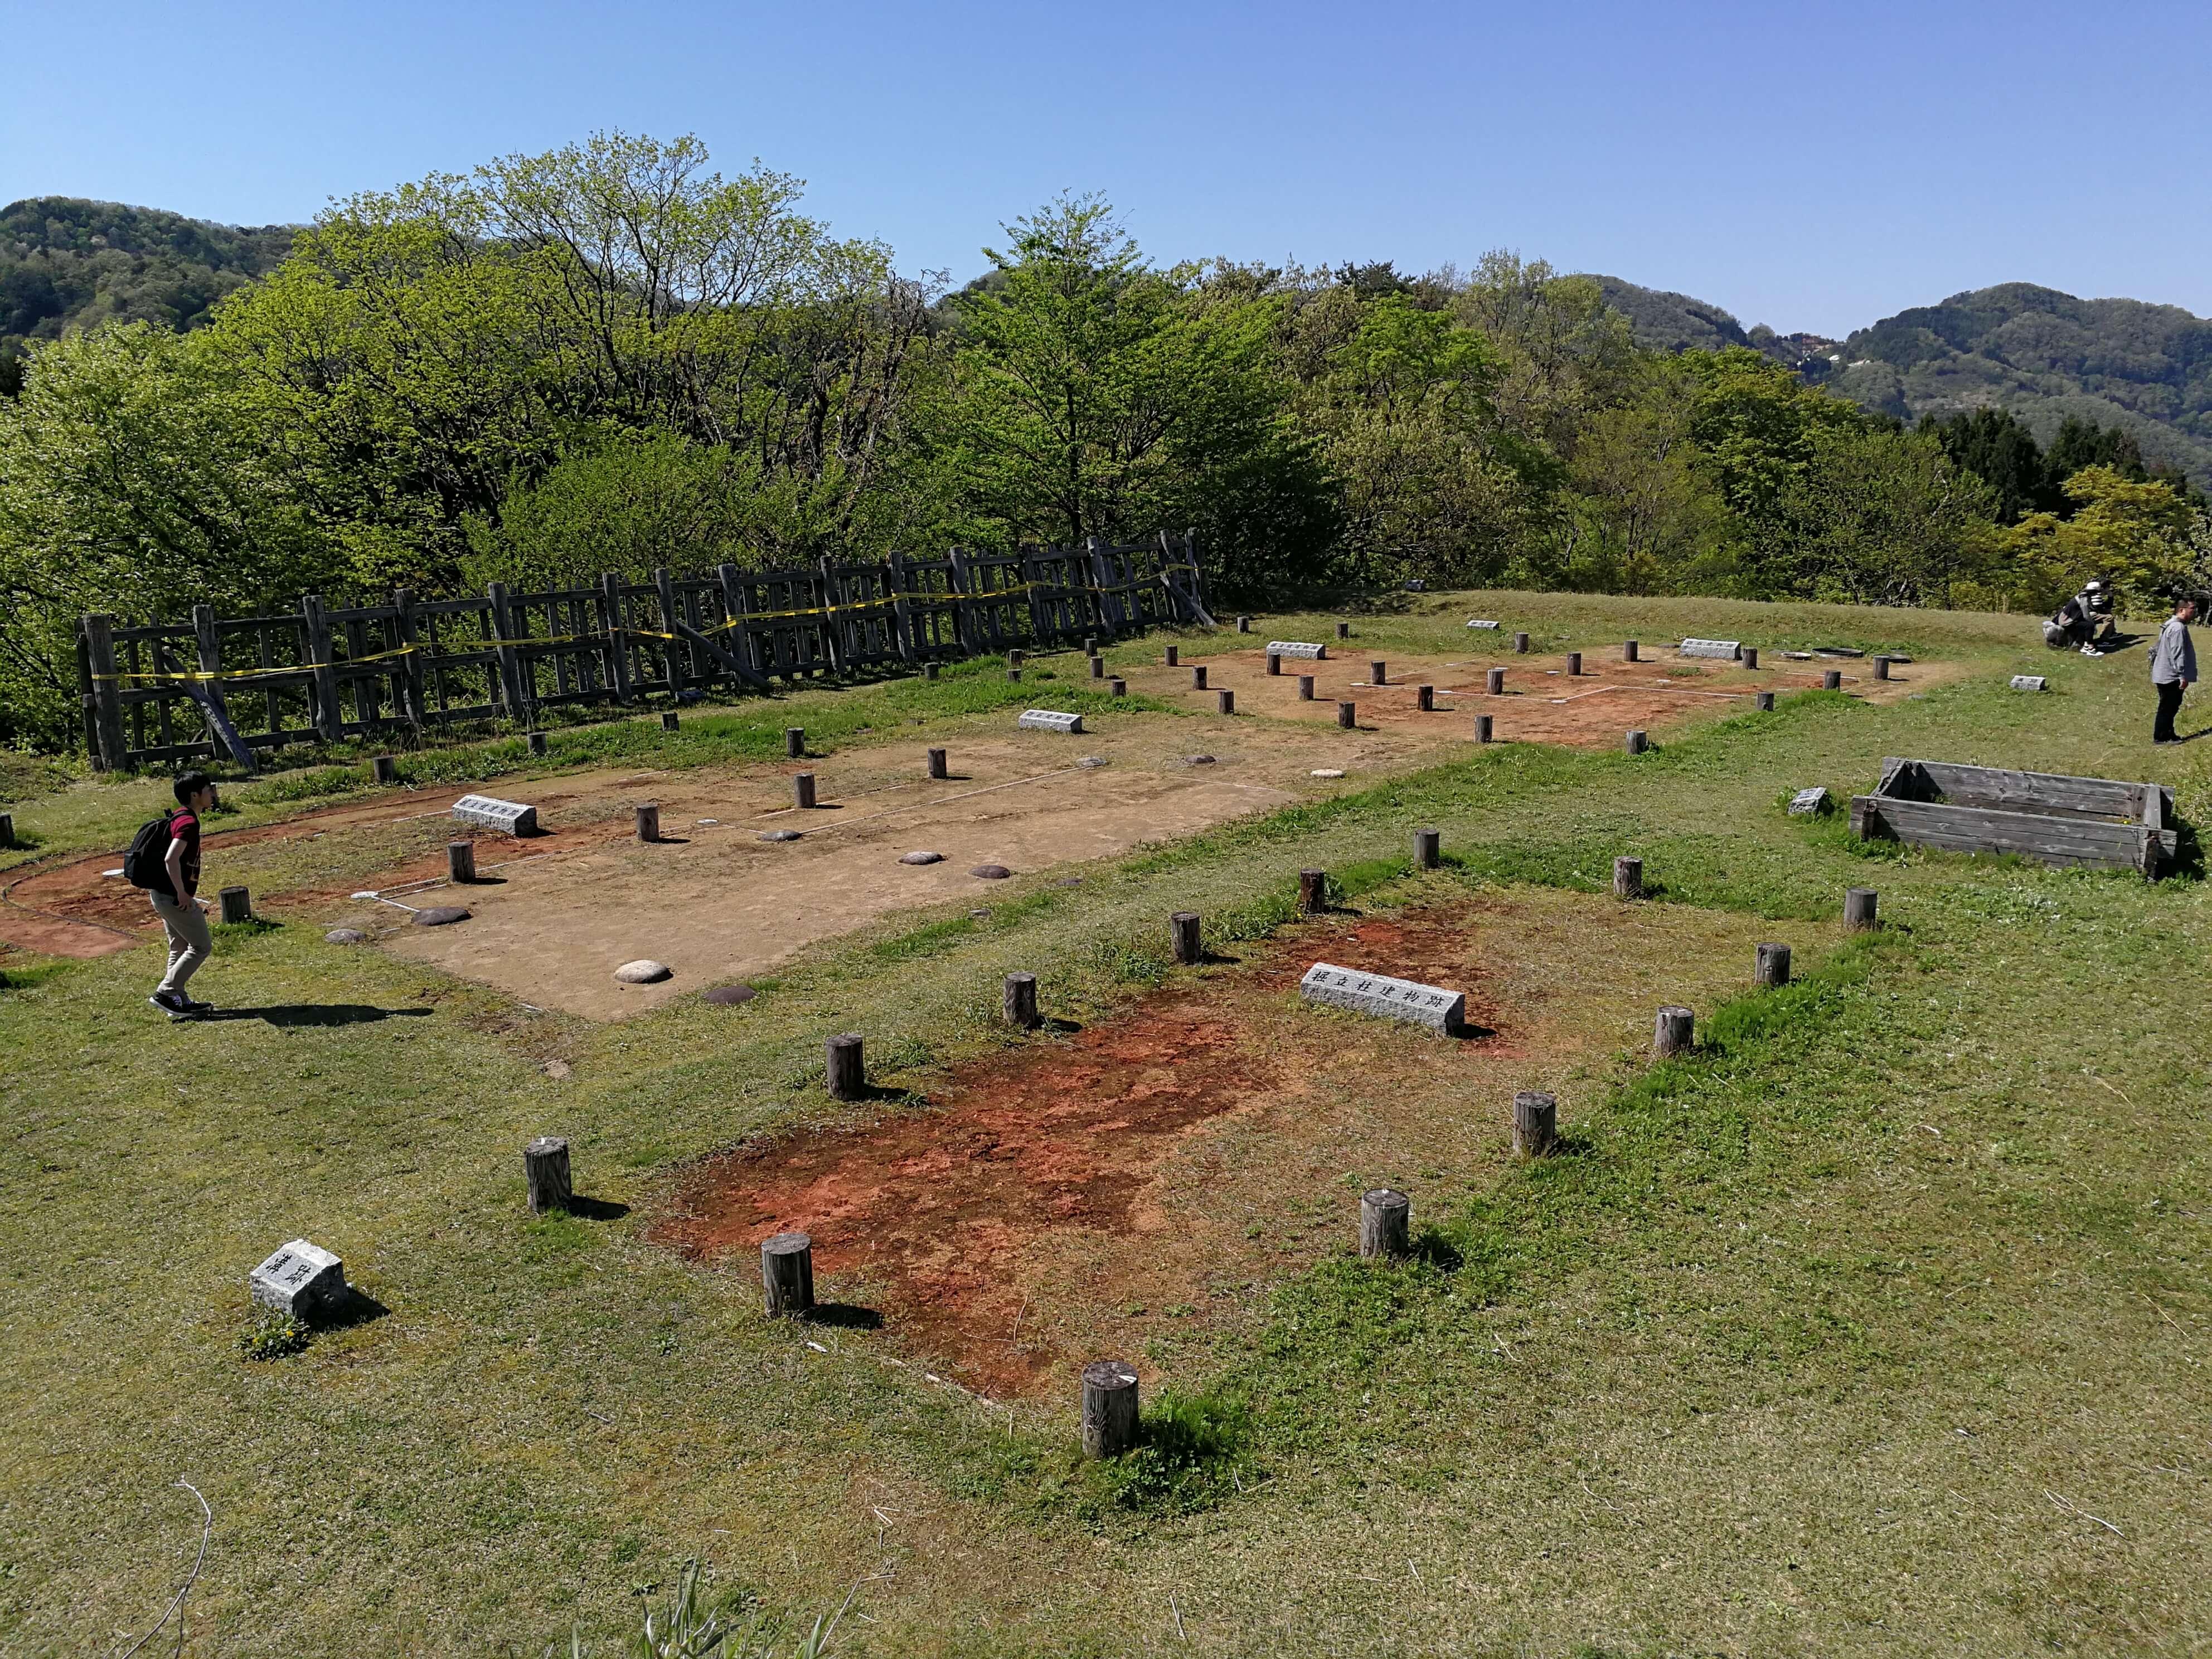 鳥越城跡|白山市で武将柴田勝家によって落城した最後の砦を感じる